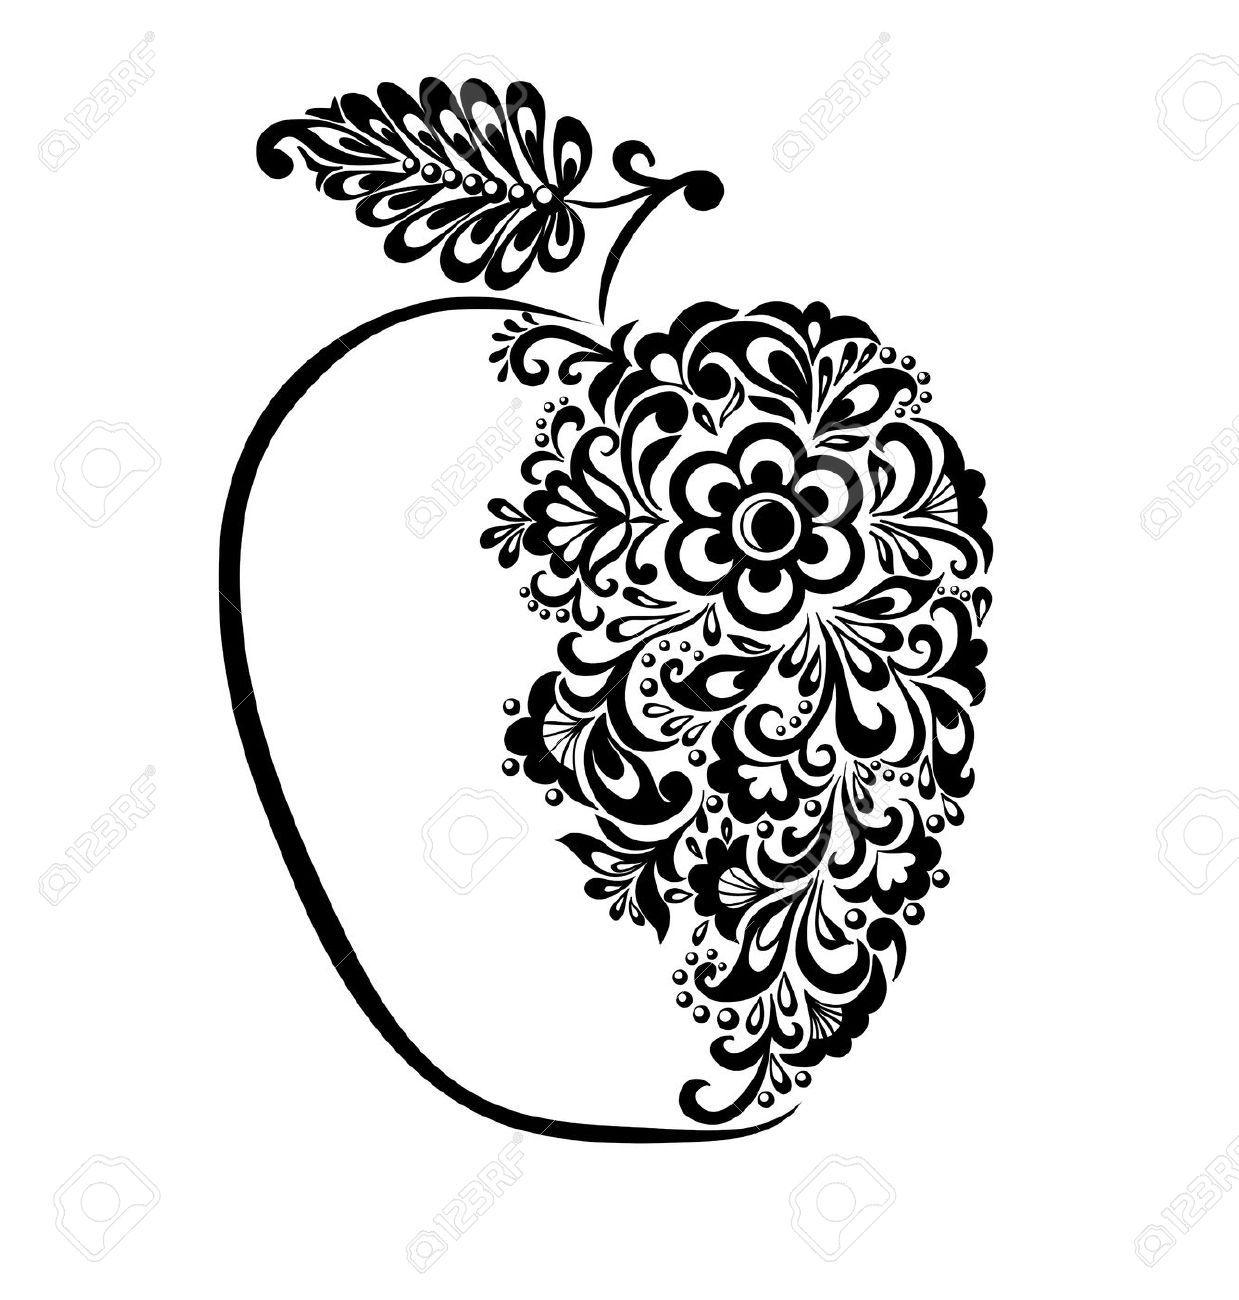 яблоко картинка черно-белая